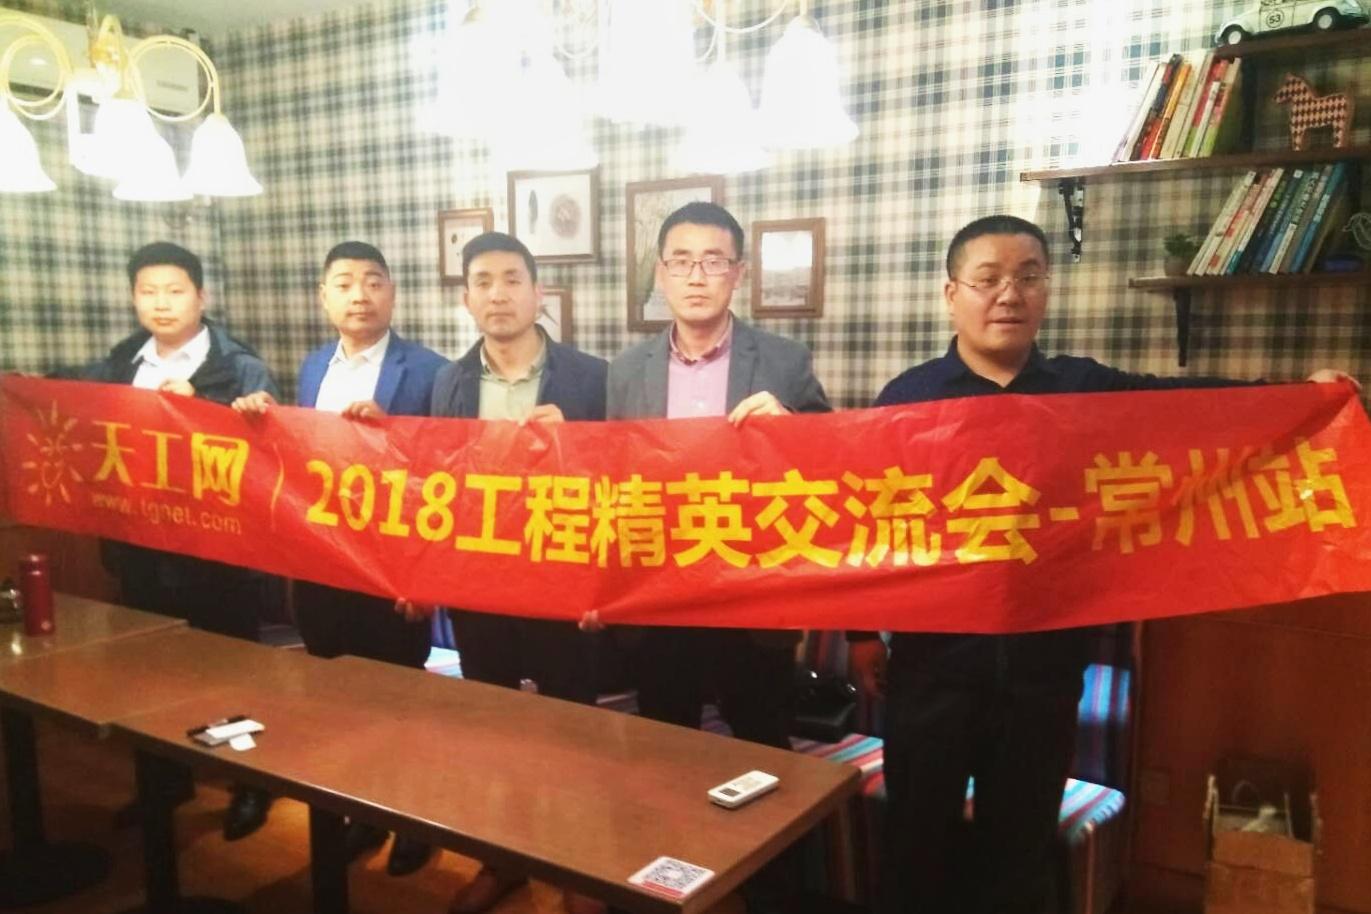 2018天工网-常州工程精英交流会(2期)